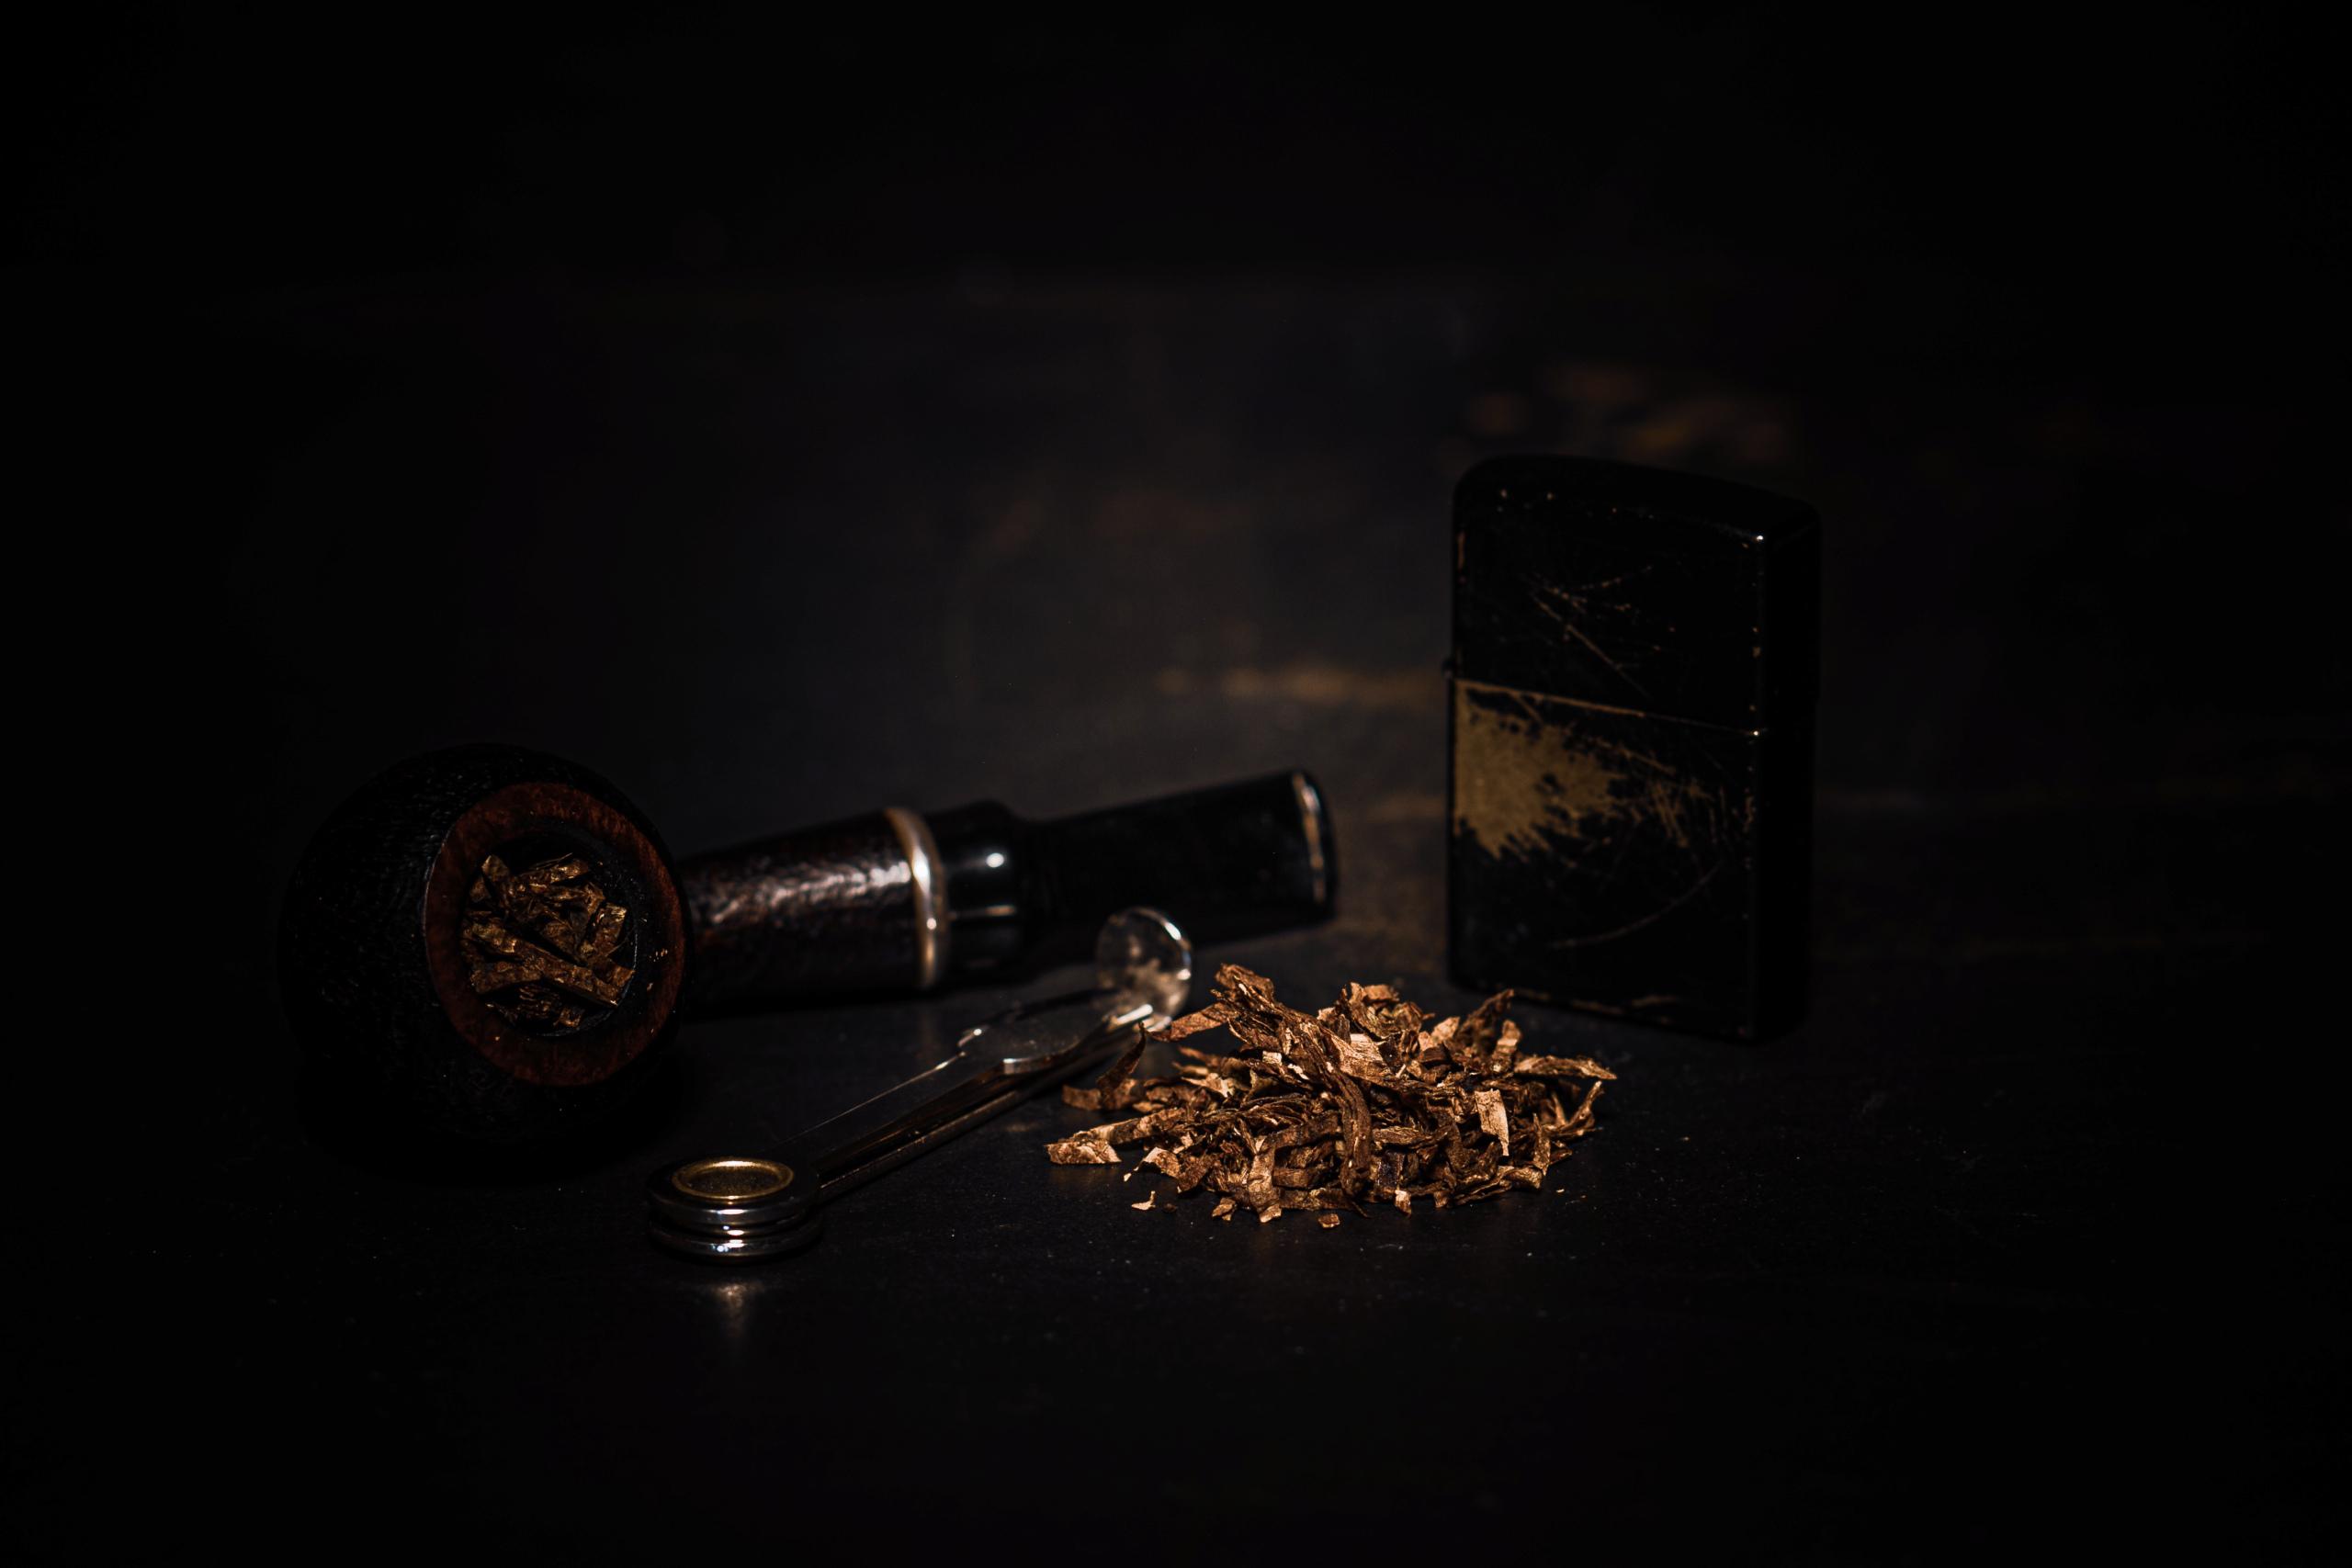 Saint Olivia, du bon tabac dans nos bois brûlera - Page 2 05052014